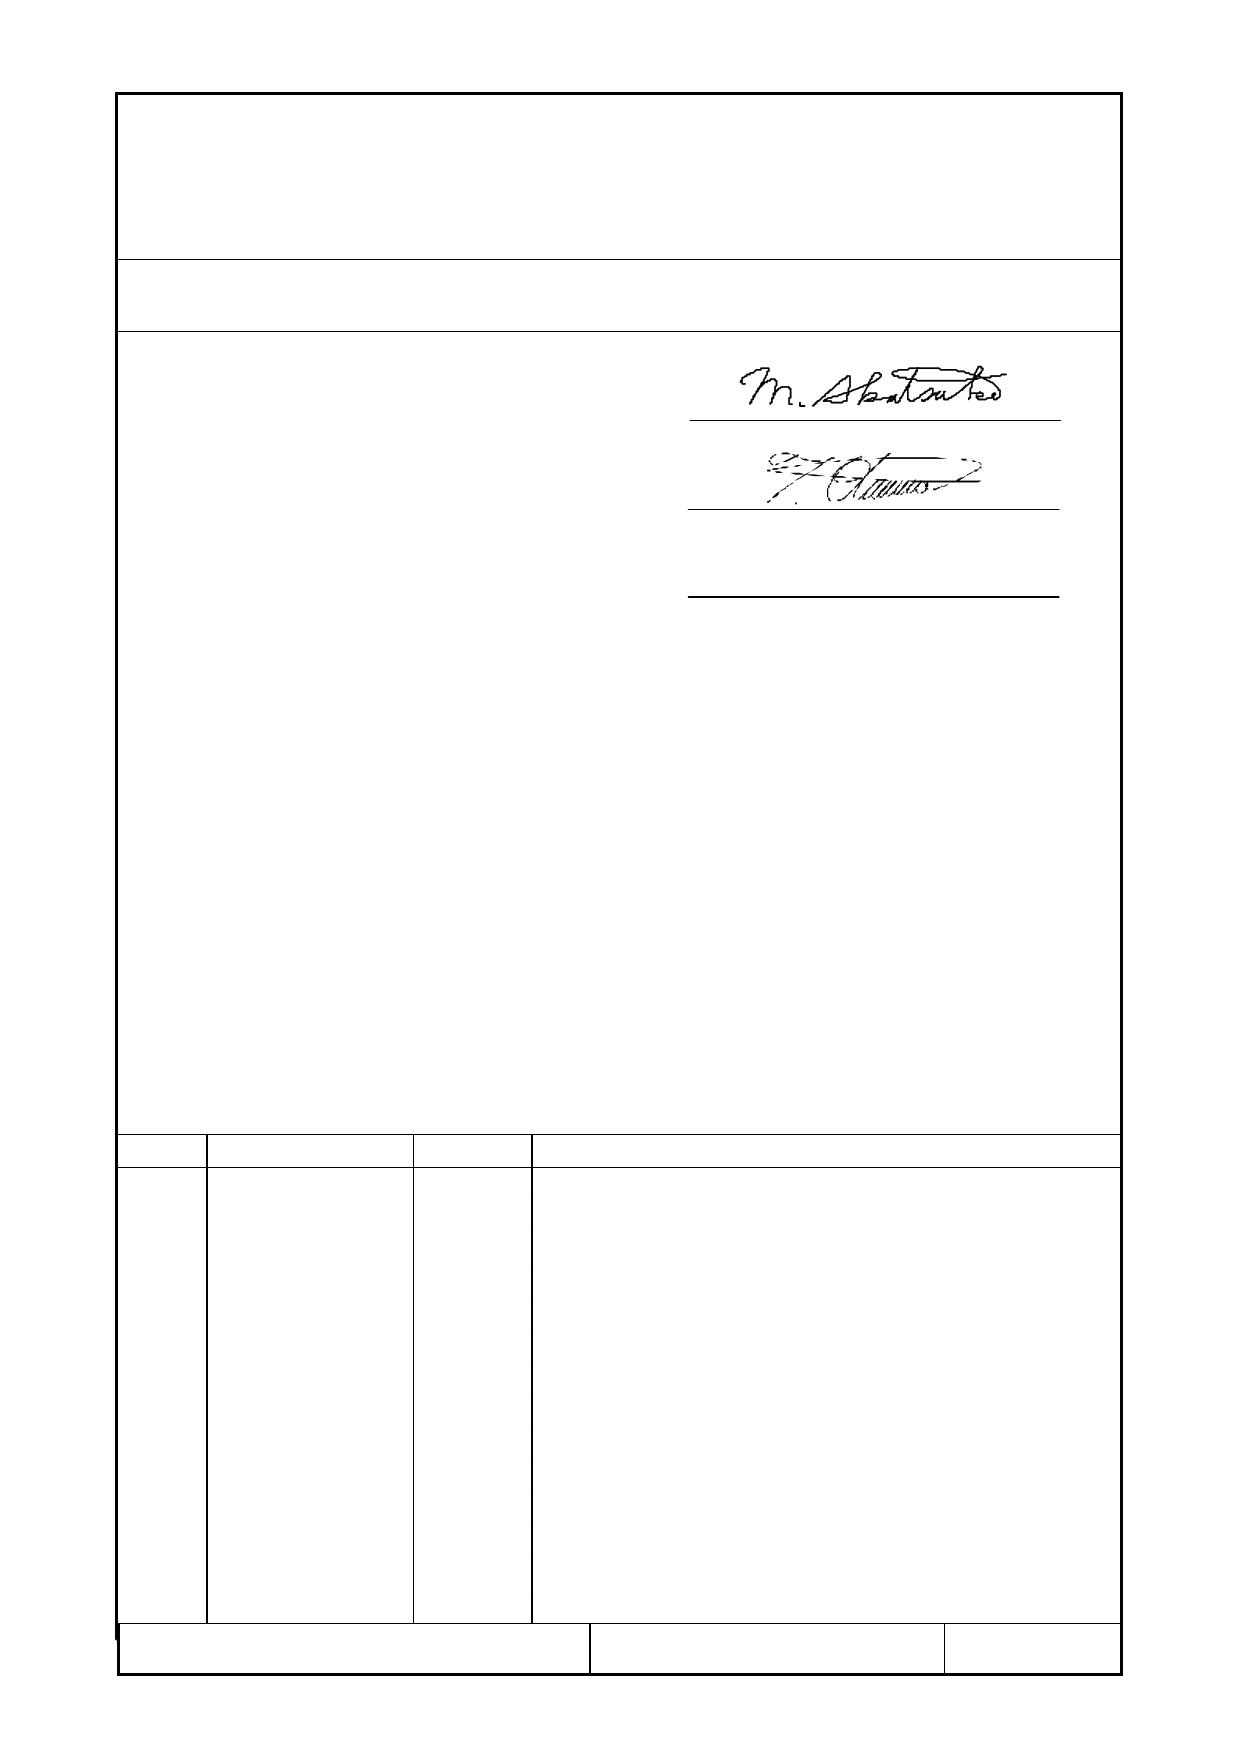 T-51750GD065J-FW-ADN datasheet